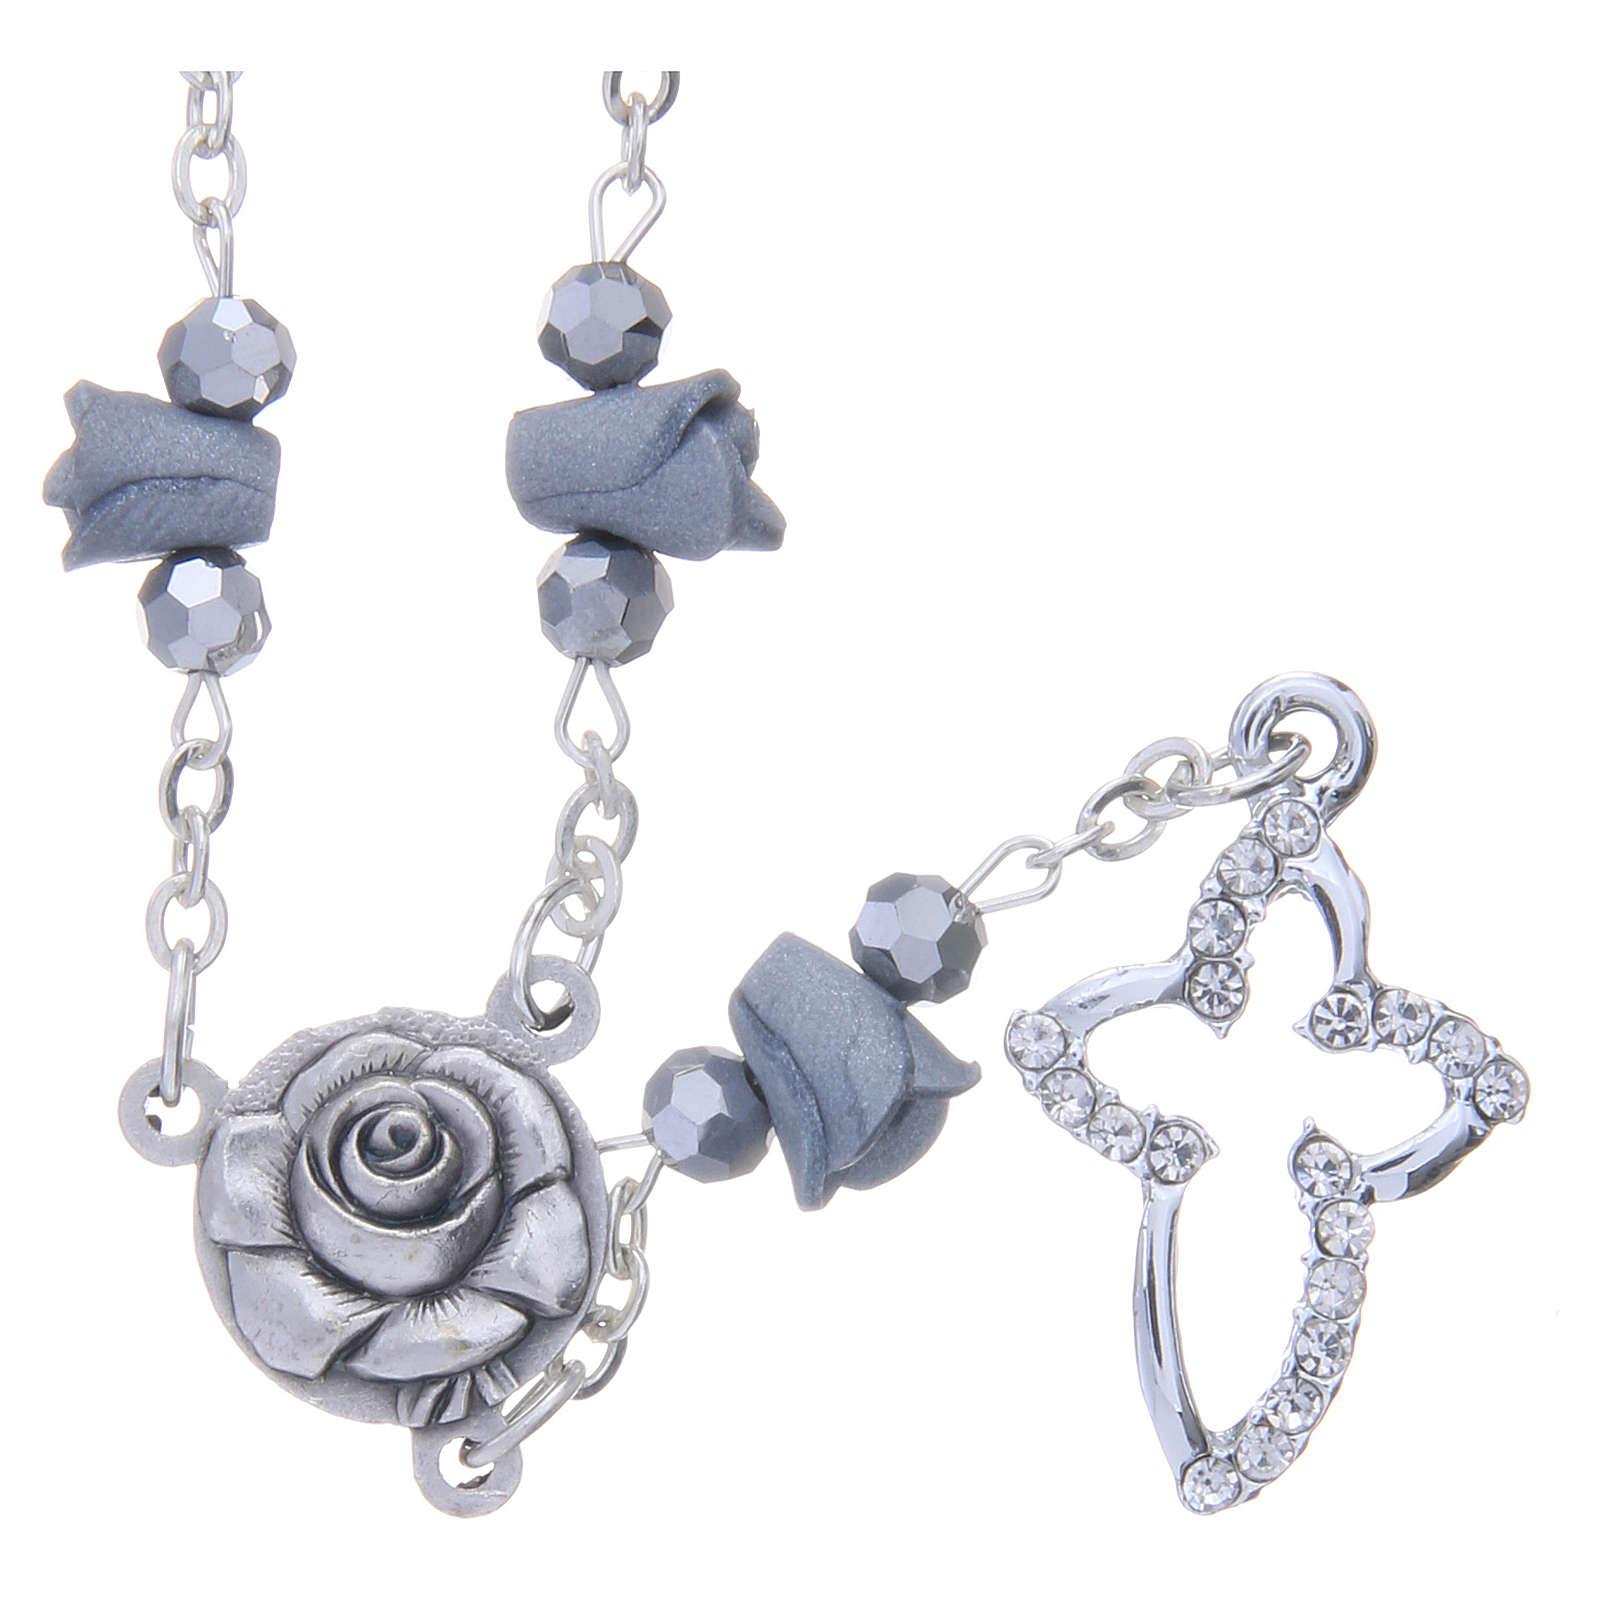 Collar rosario Medjugorje rosas cerámica gris cuentas cristal 4